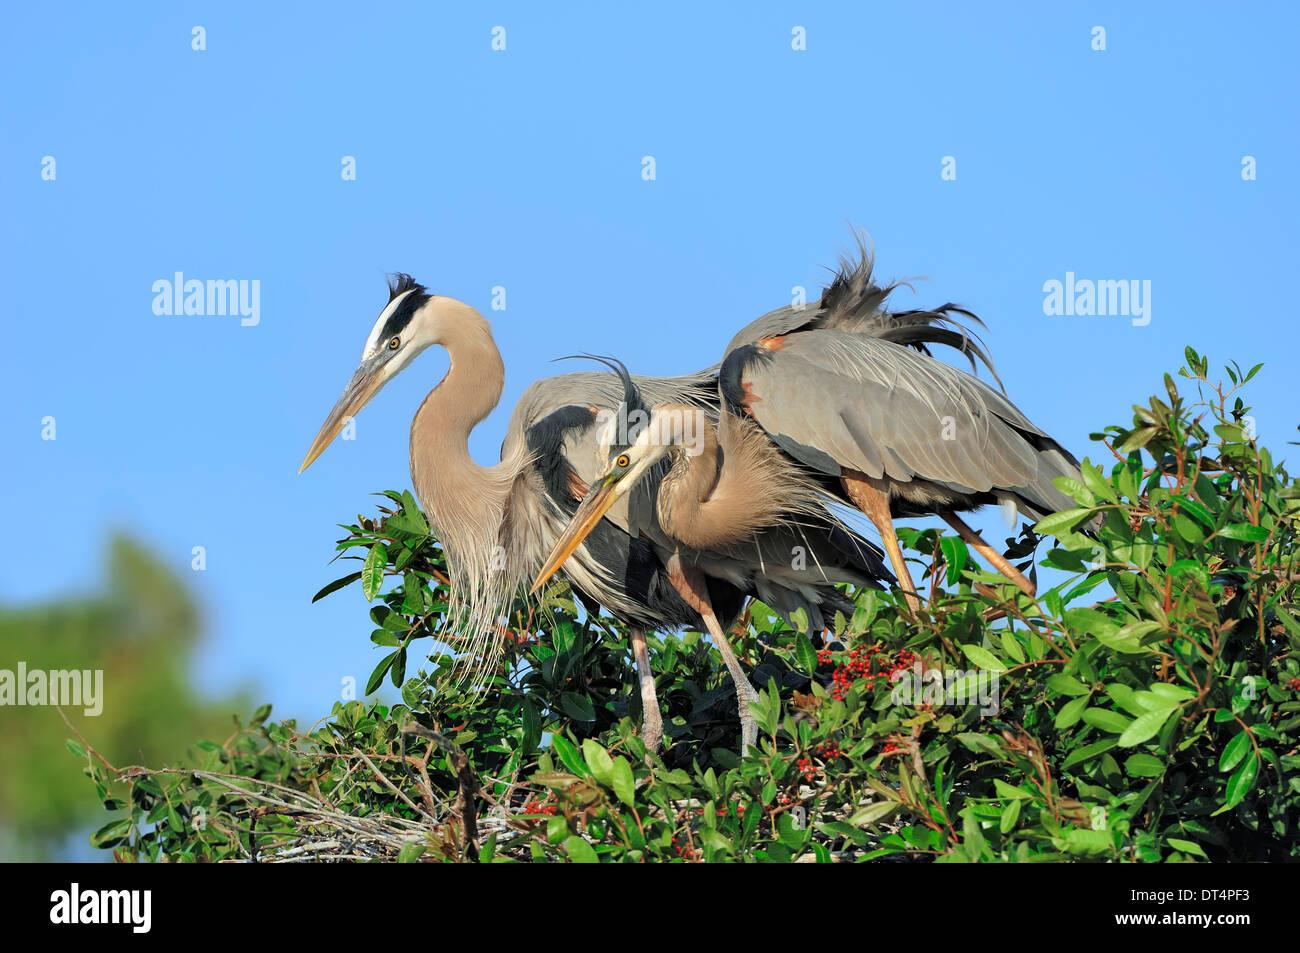 Great Blue Heron (Ardea herodias), pair at nest, Florida, USA - Stock Image